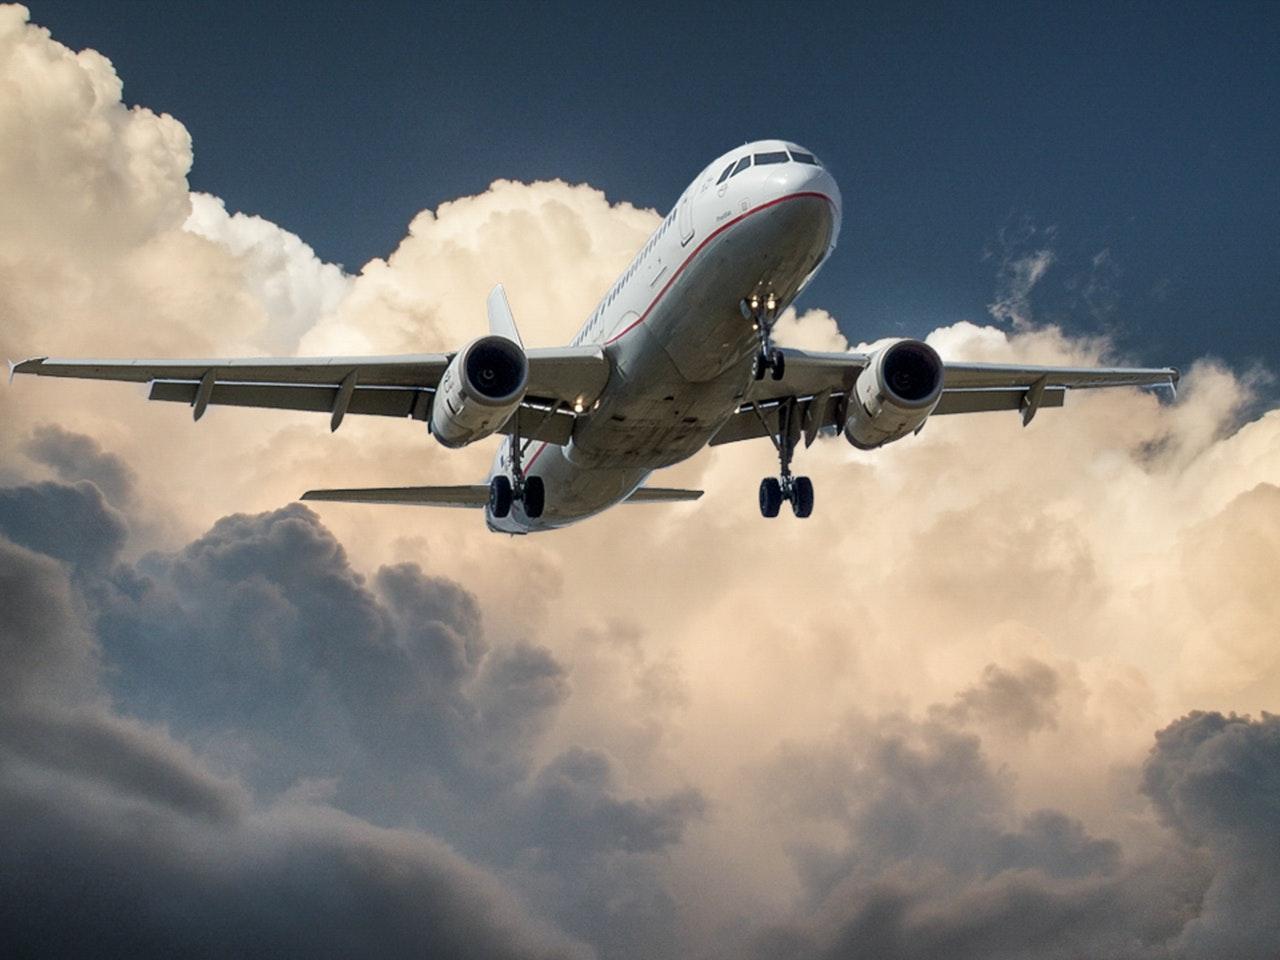 Boeing instalará un centro de mantenimiento aeronáutico en R.Dominicana